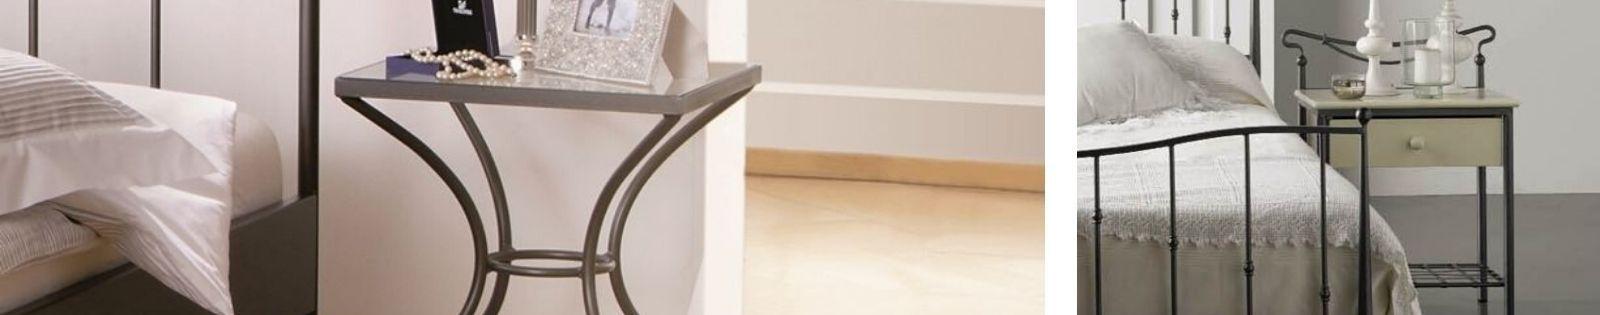 Chevets en fer forgé : meubles haut de gamme de fabrication espagnole.